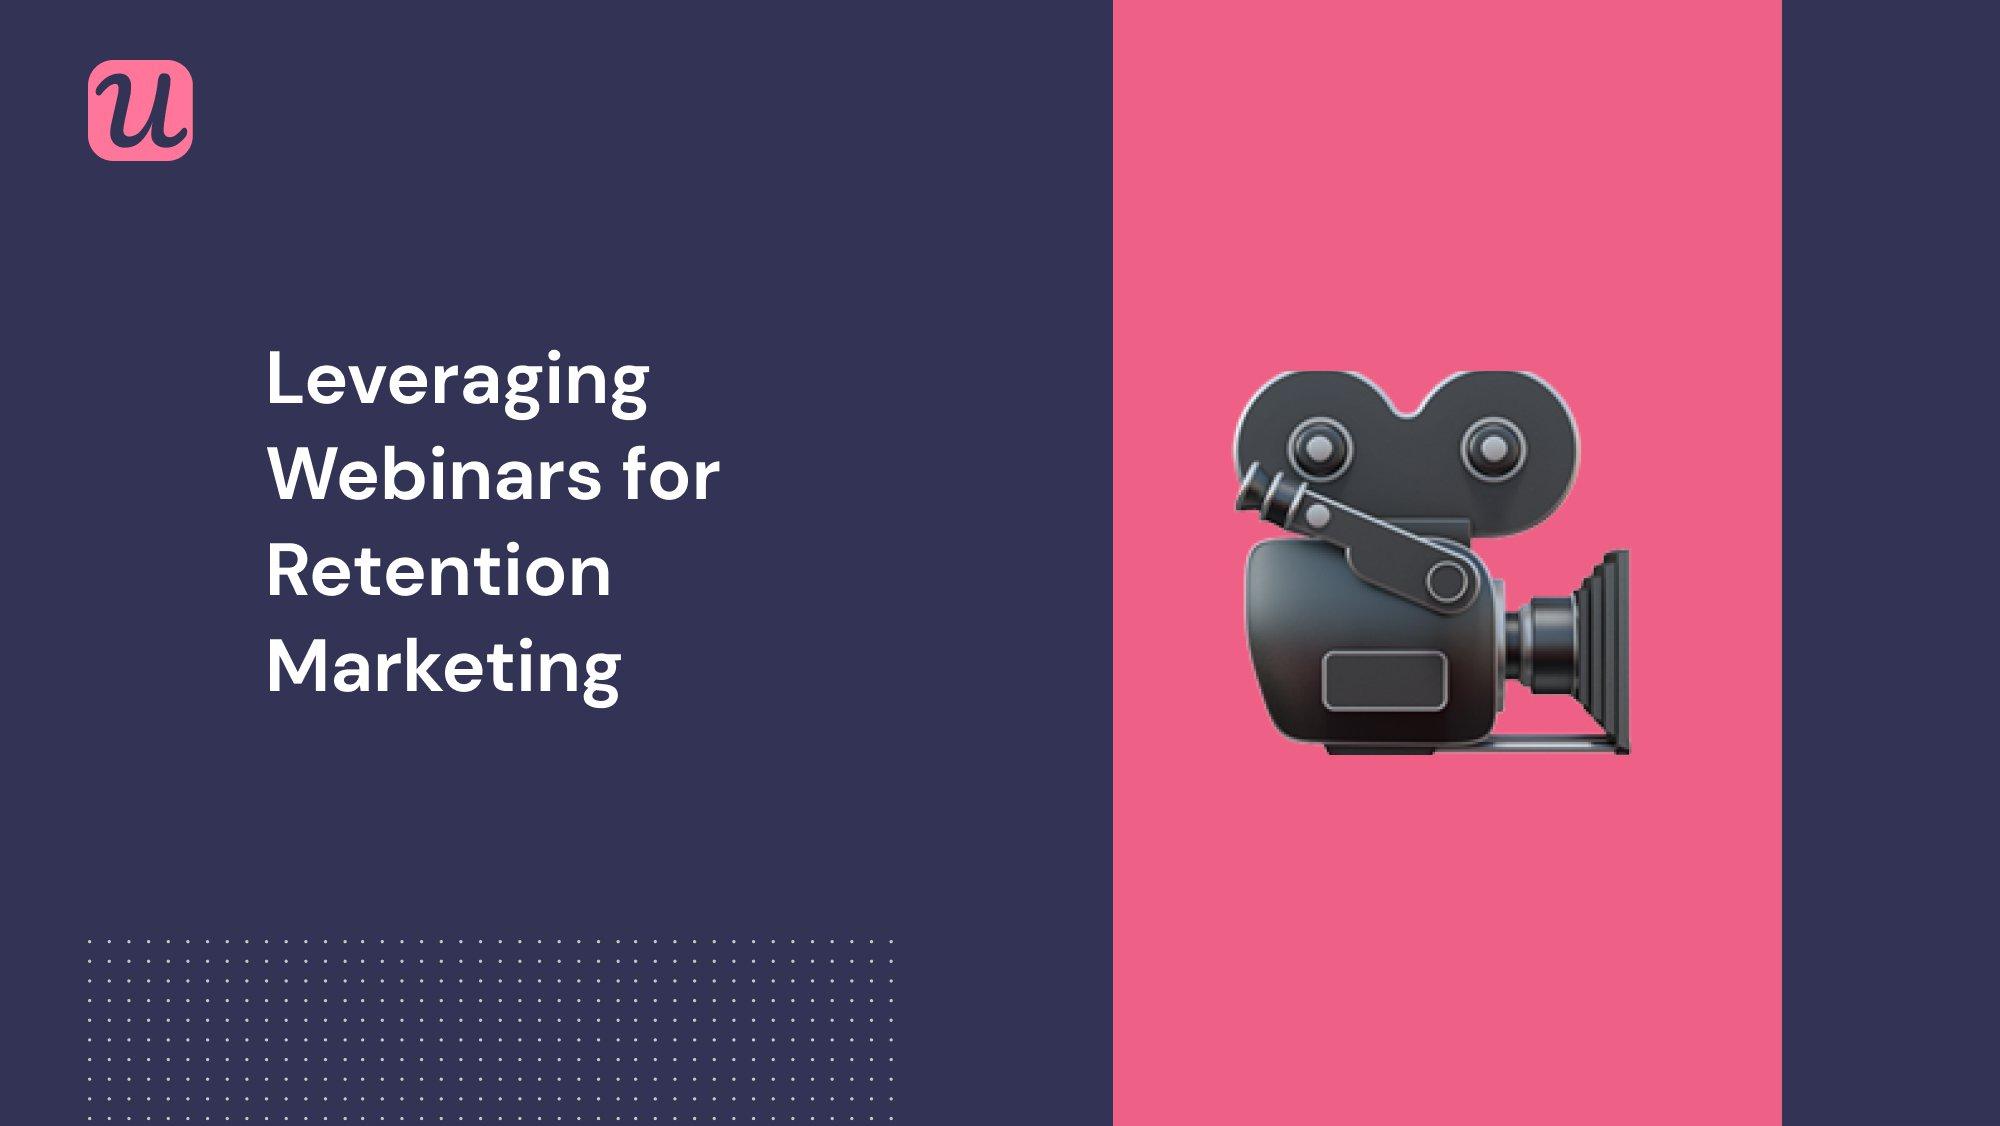 Leveraging Webinars for Retention Marketing in 2021